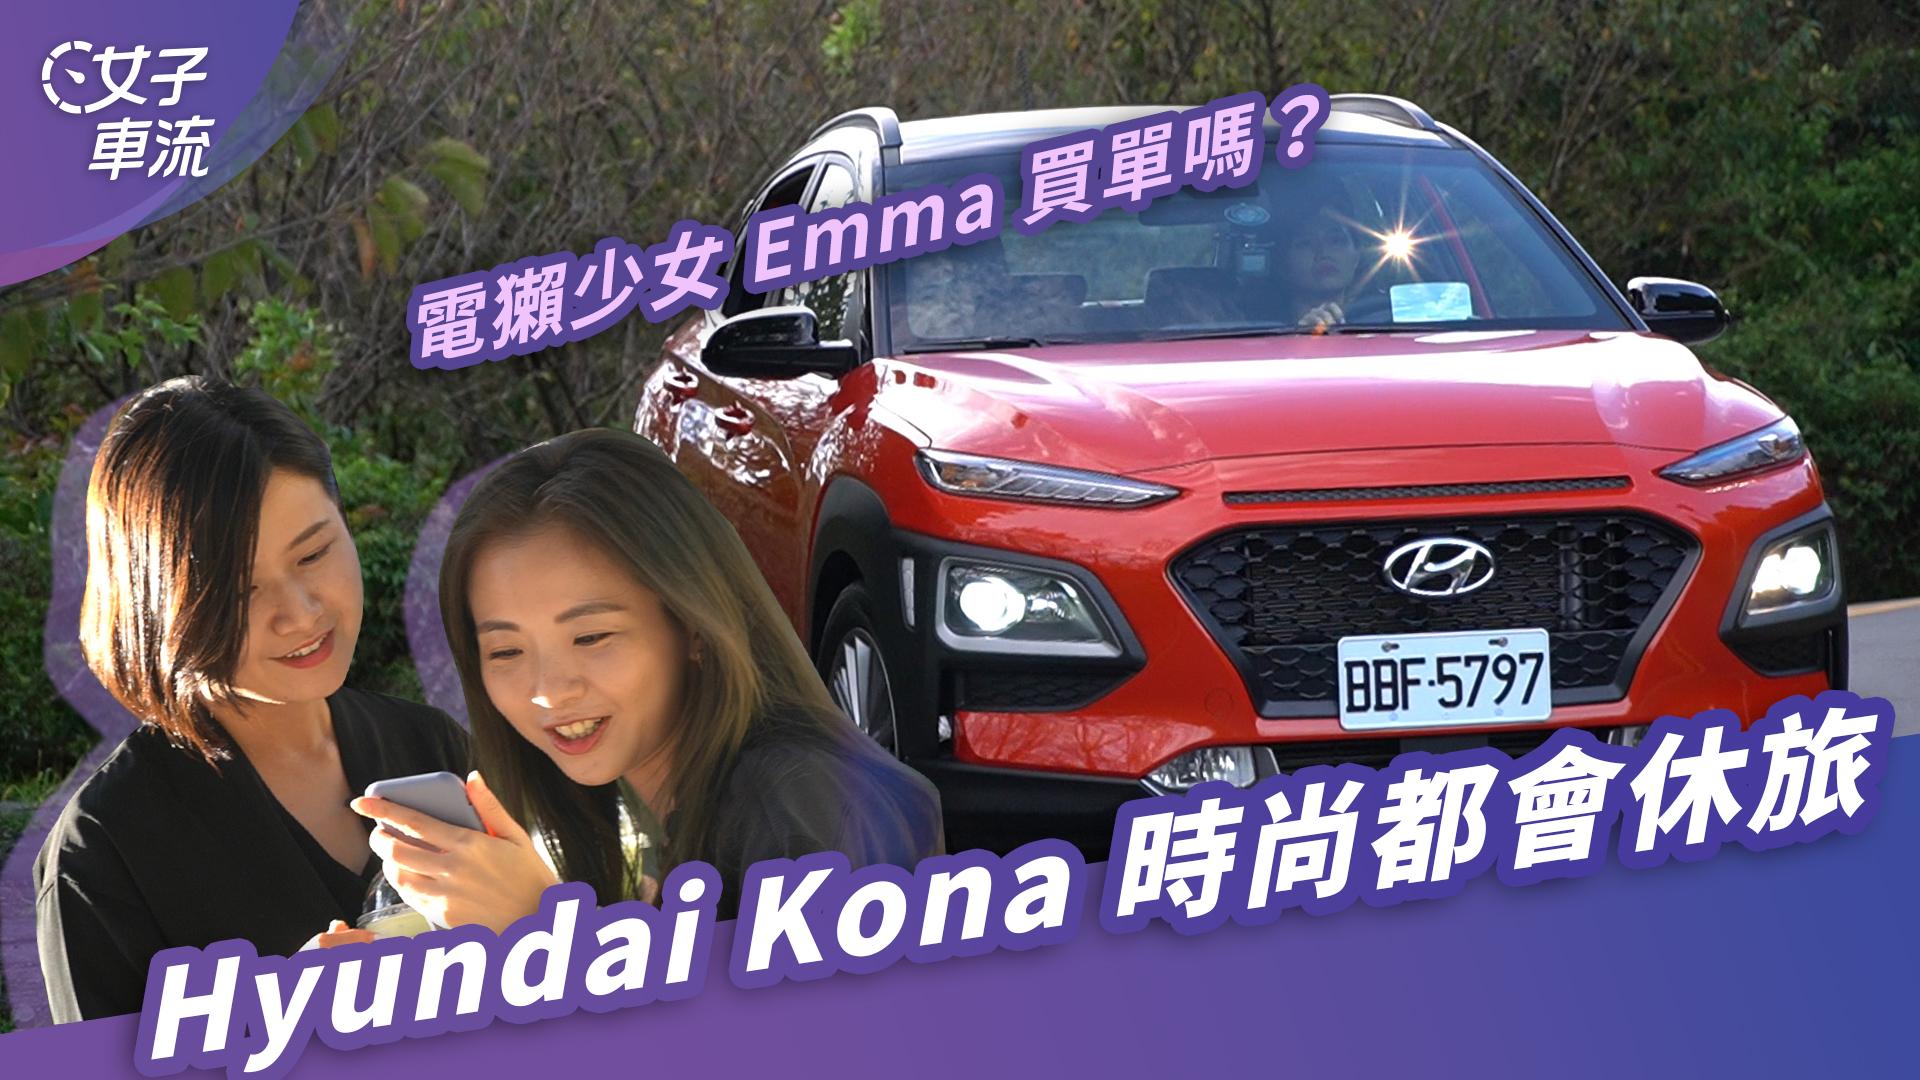 這台!都會女性買單嗎?ft. 電獺少女|Hyundai Kona 2WD 時尚跨界休旅